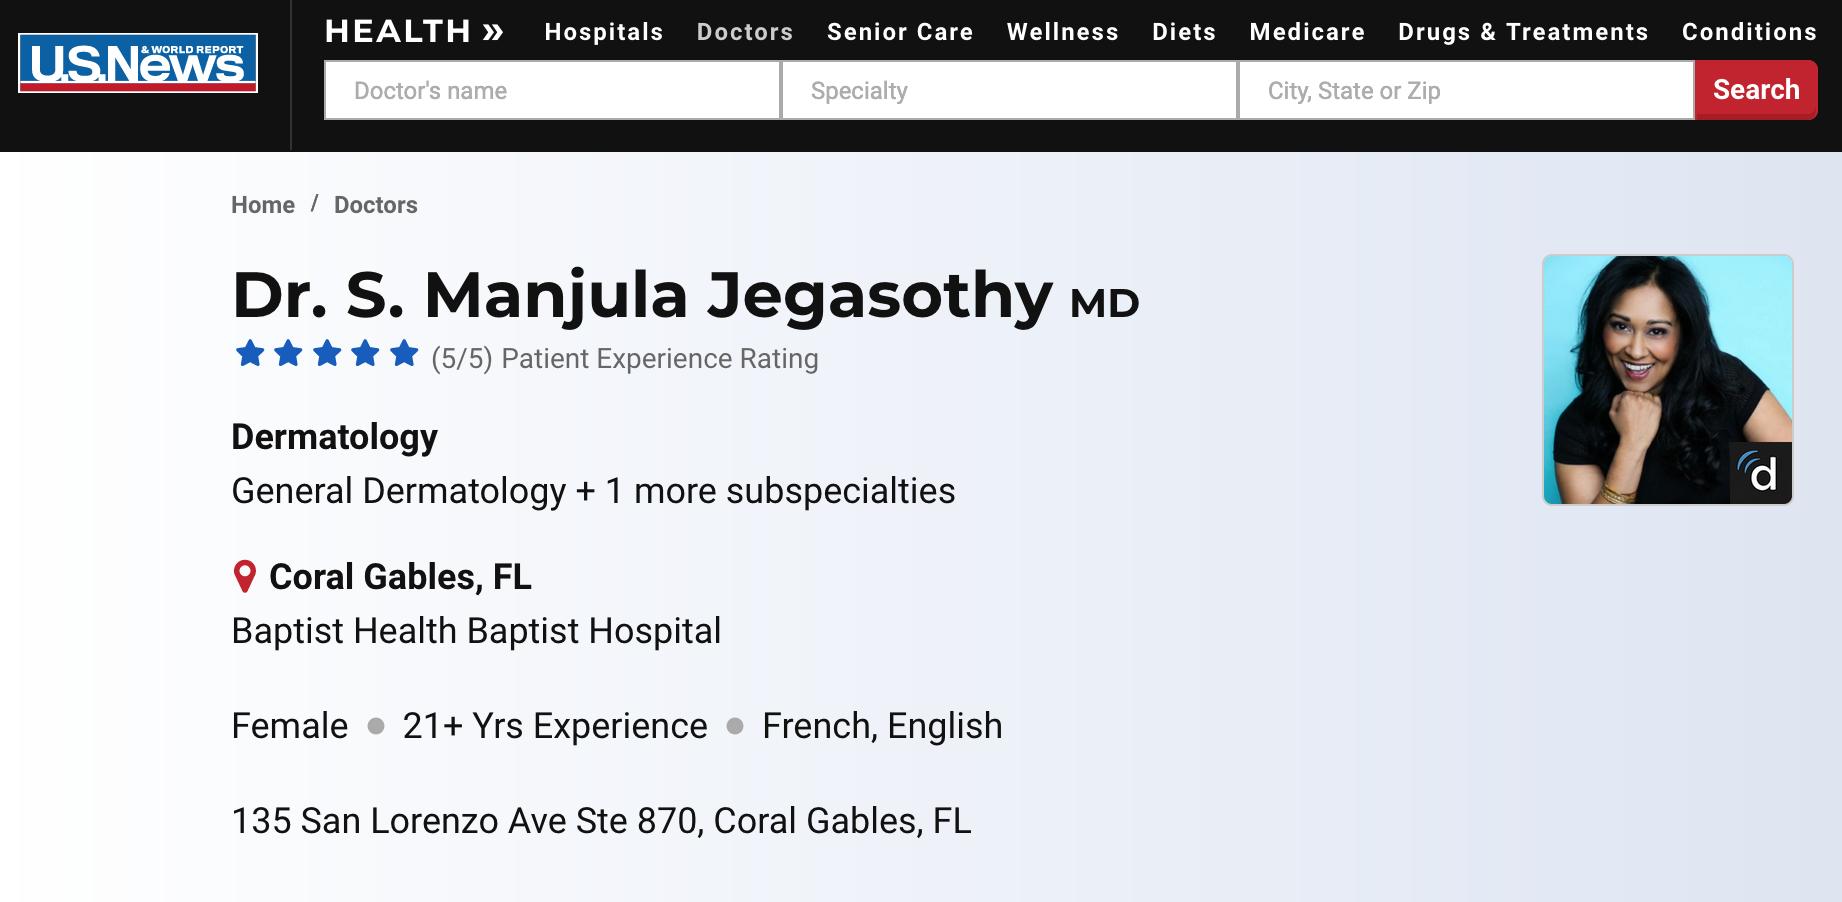 Who is Dr Manjula Jegasothy?